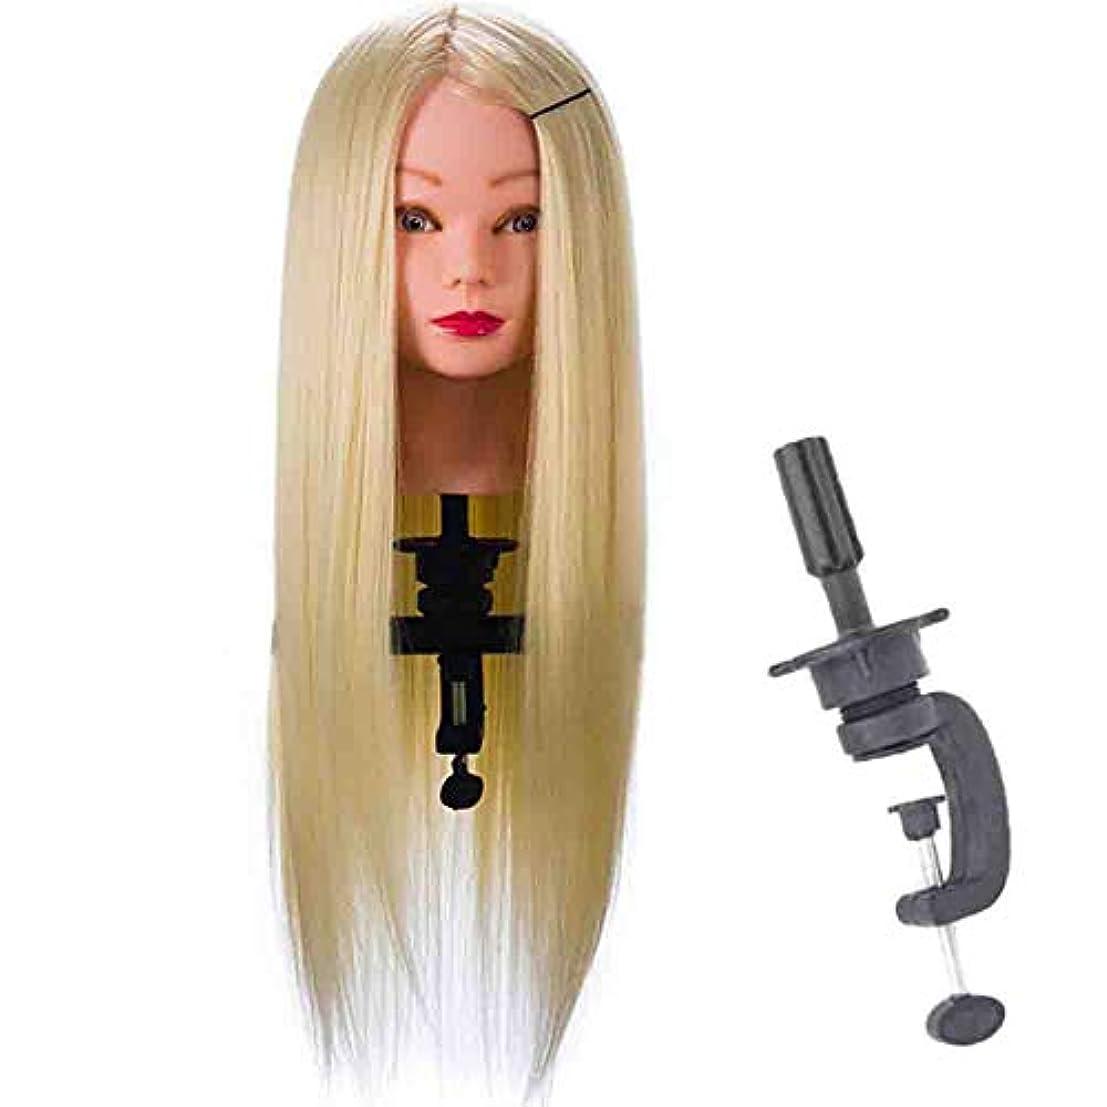 行商人独立して検索シミュレーションウィッグヘッドダイドールヘッドモデルエクササイズディスクヘアブレードヘアメイクスタイリングヘアサロンダミーマネキンヘッド